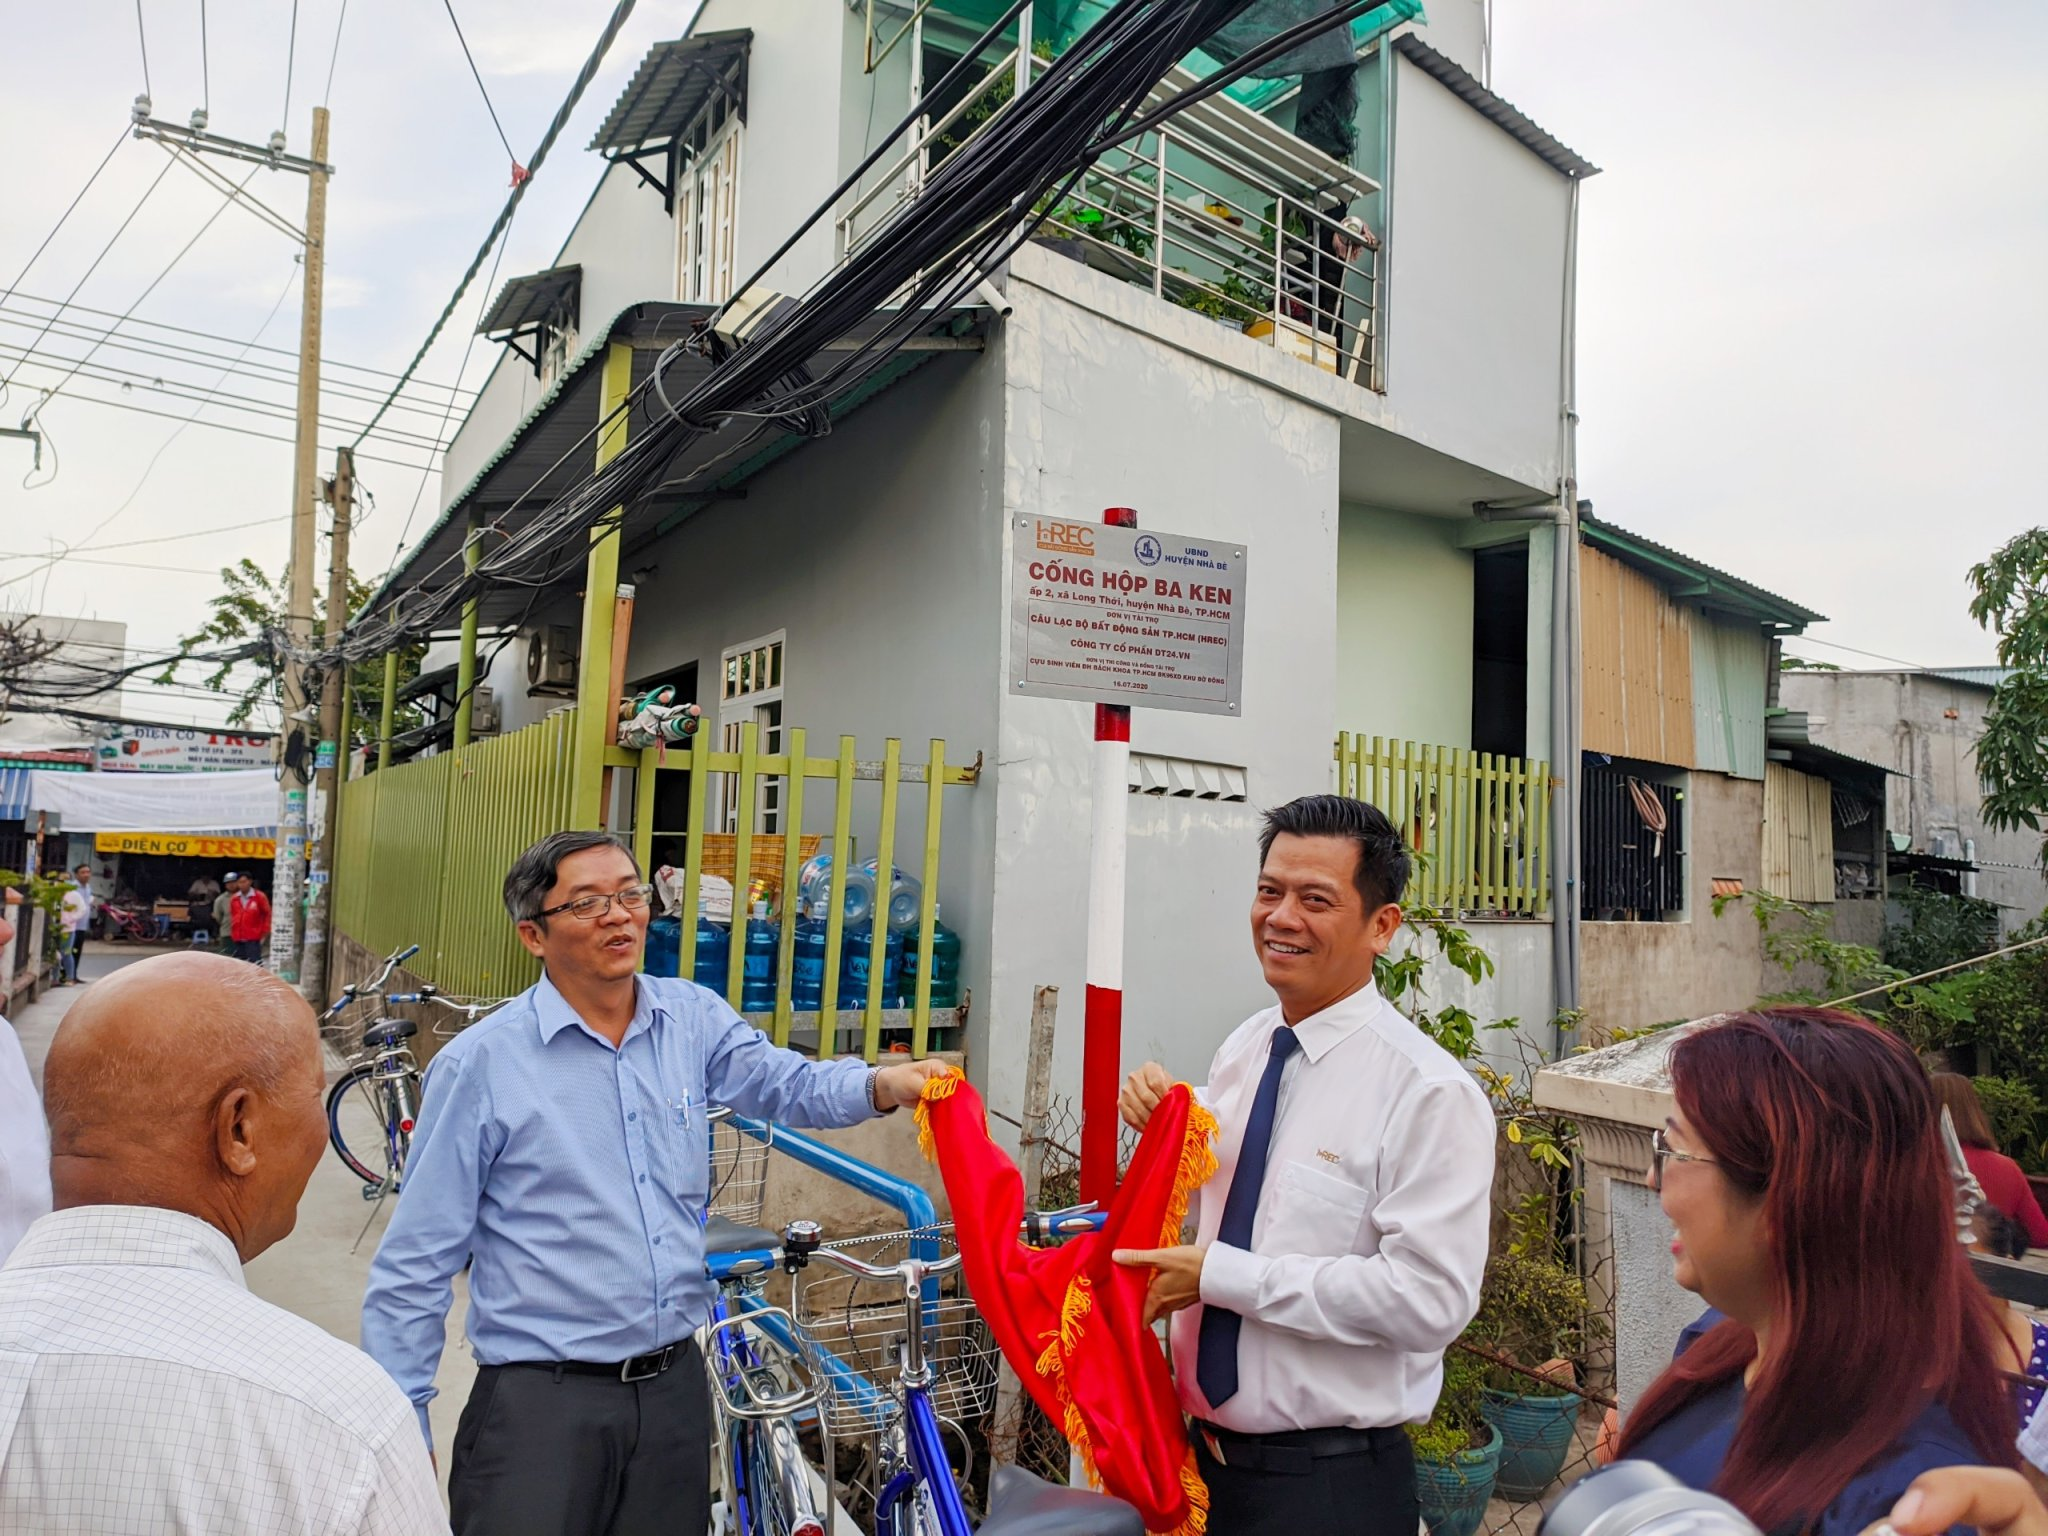 CLB Bất động sản TP.HCM tài trợ cống hộp hơn 300 triệu cho huyện Nhà Bè 2